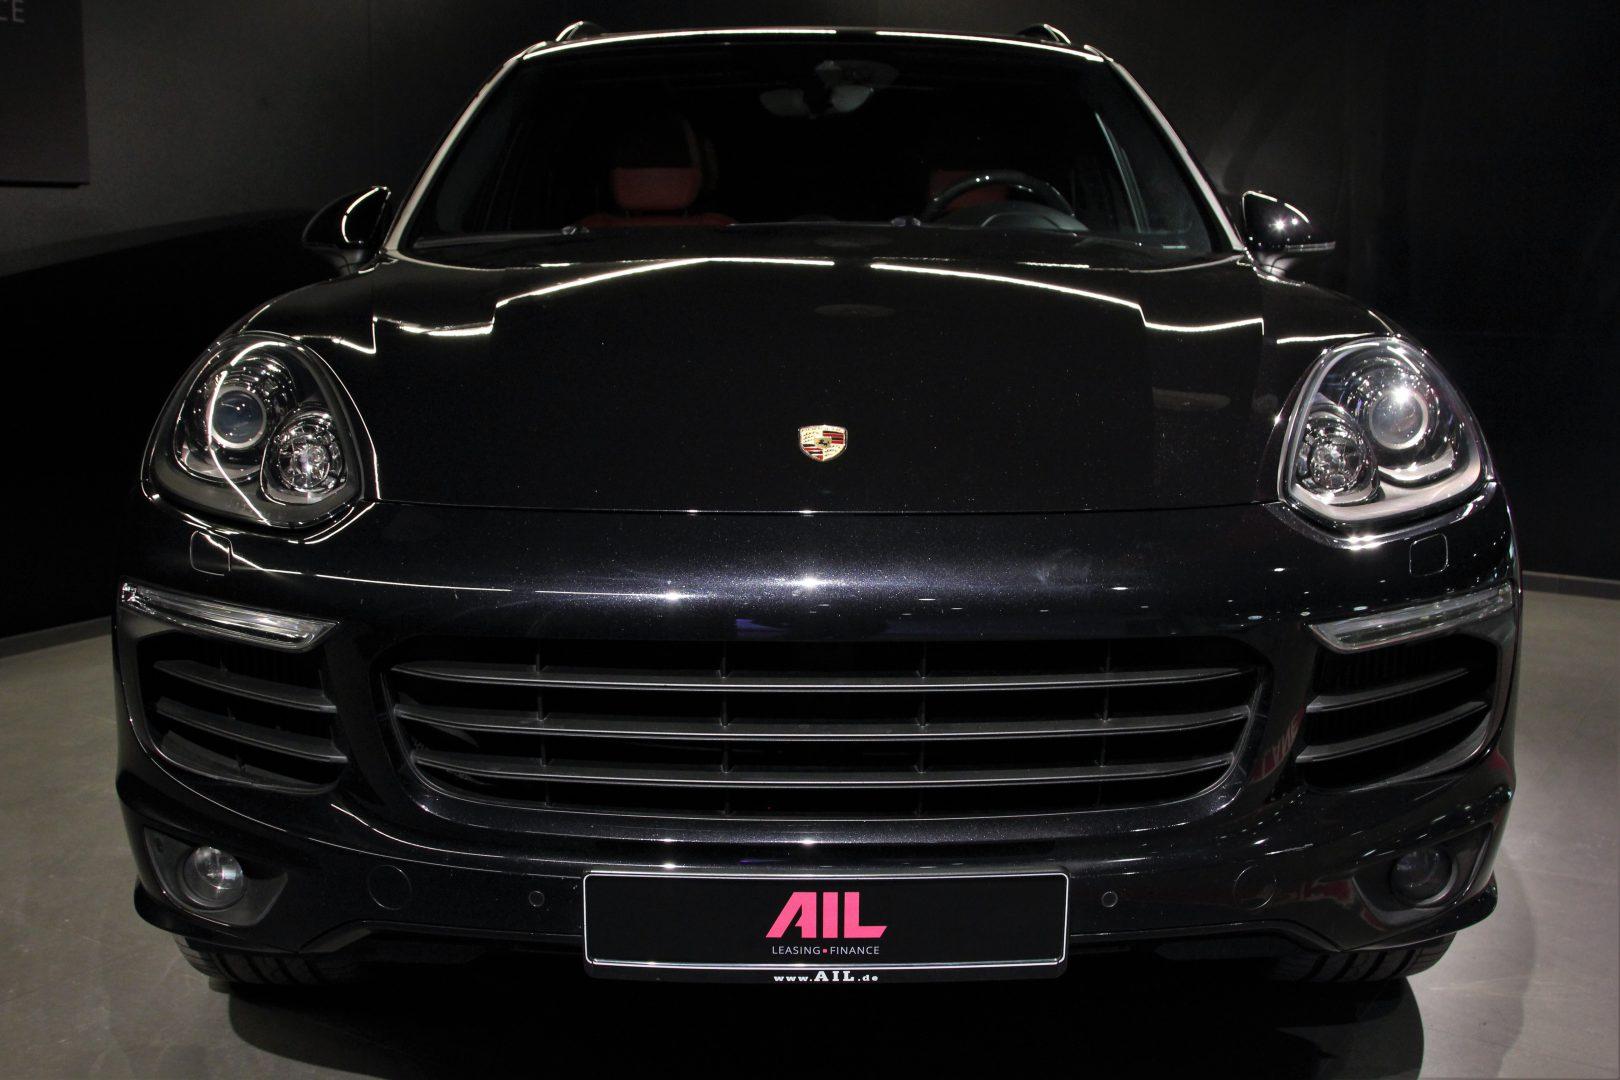 AIL Porsche Cayenne S Diesel Carbon Paket 11